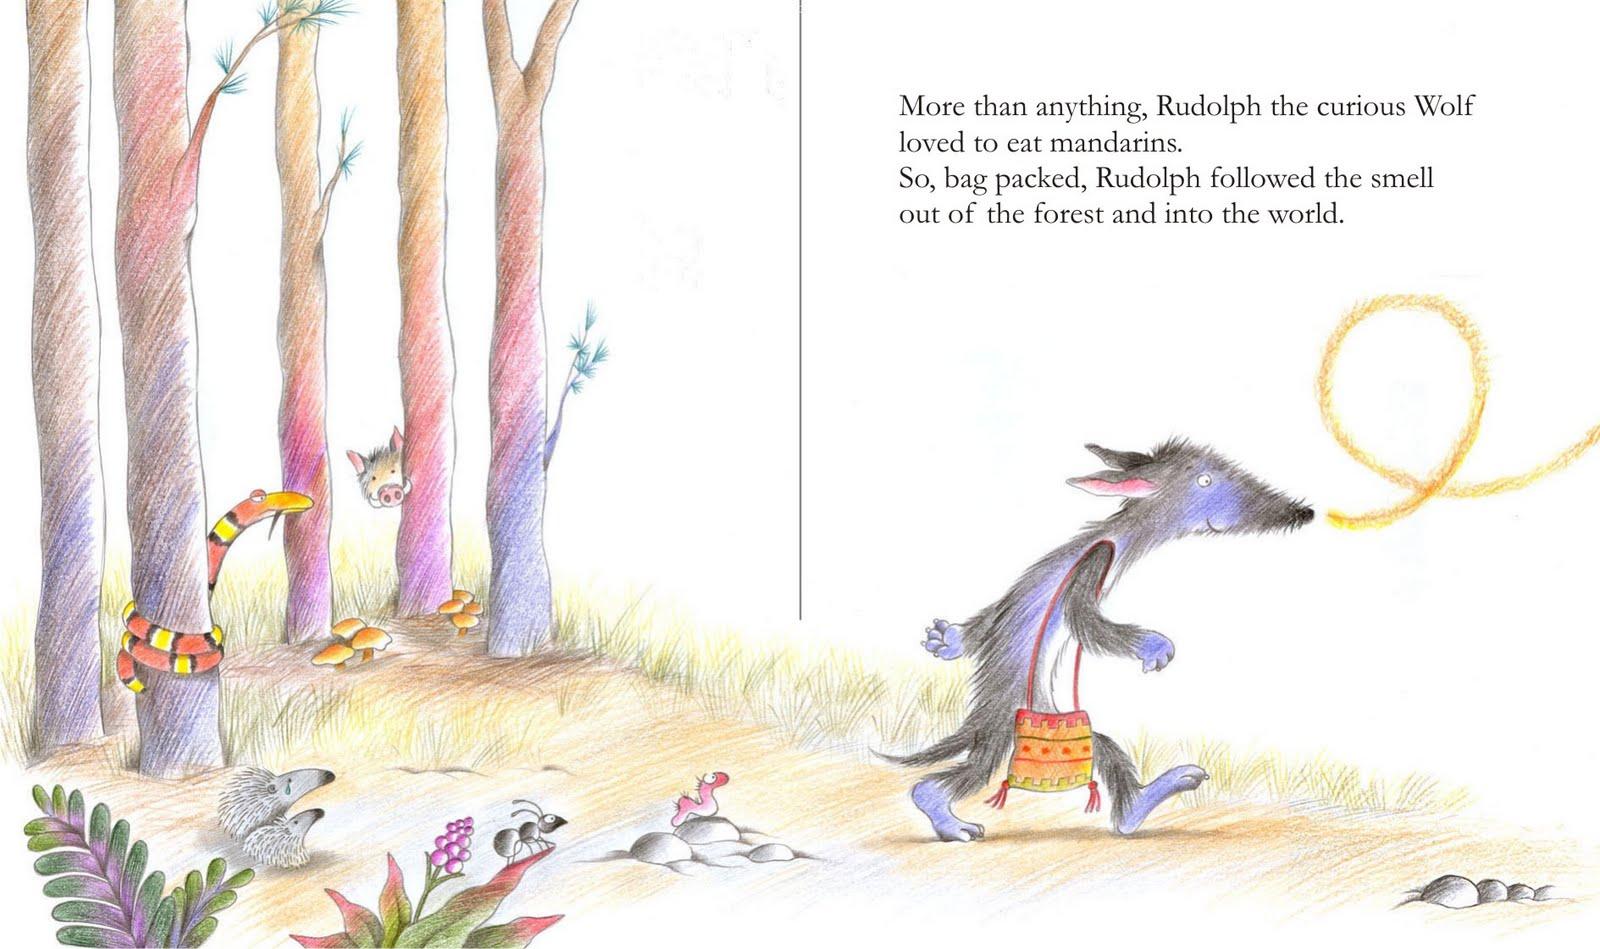 Nora Hilb - Ilustraciones: El lobo Rodolfo - Rudolph the curious Wolf